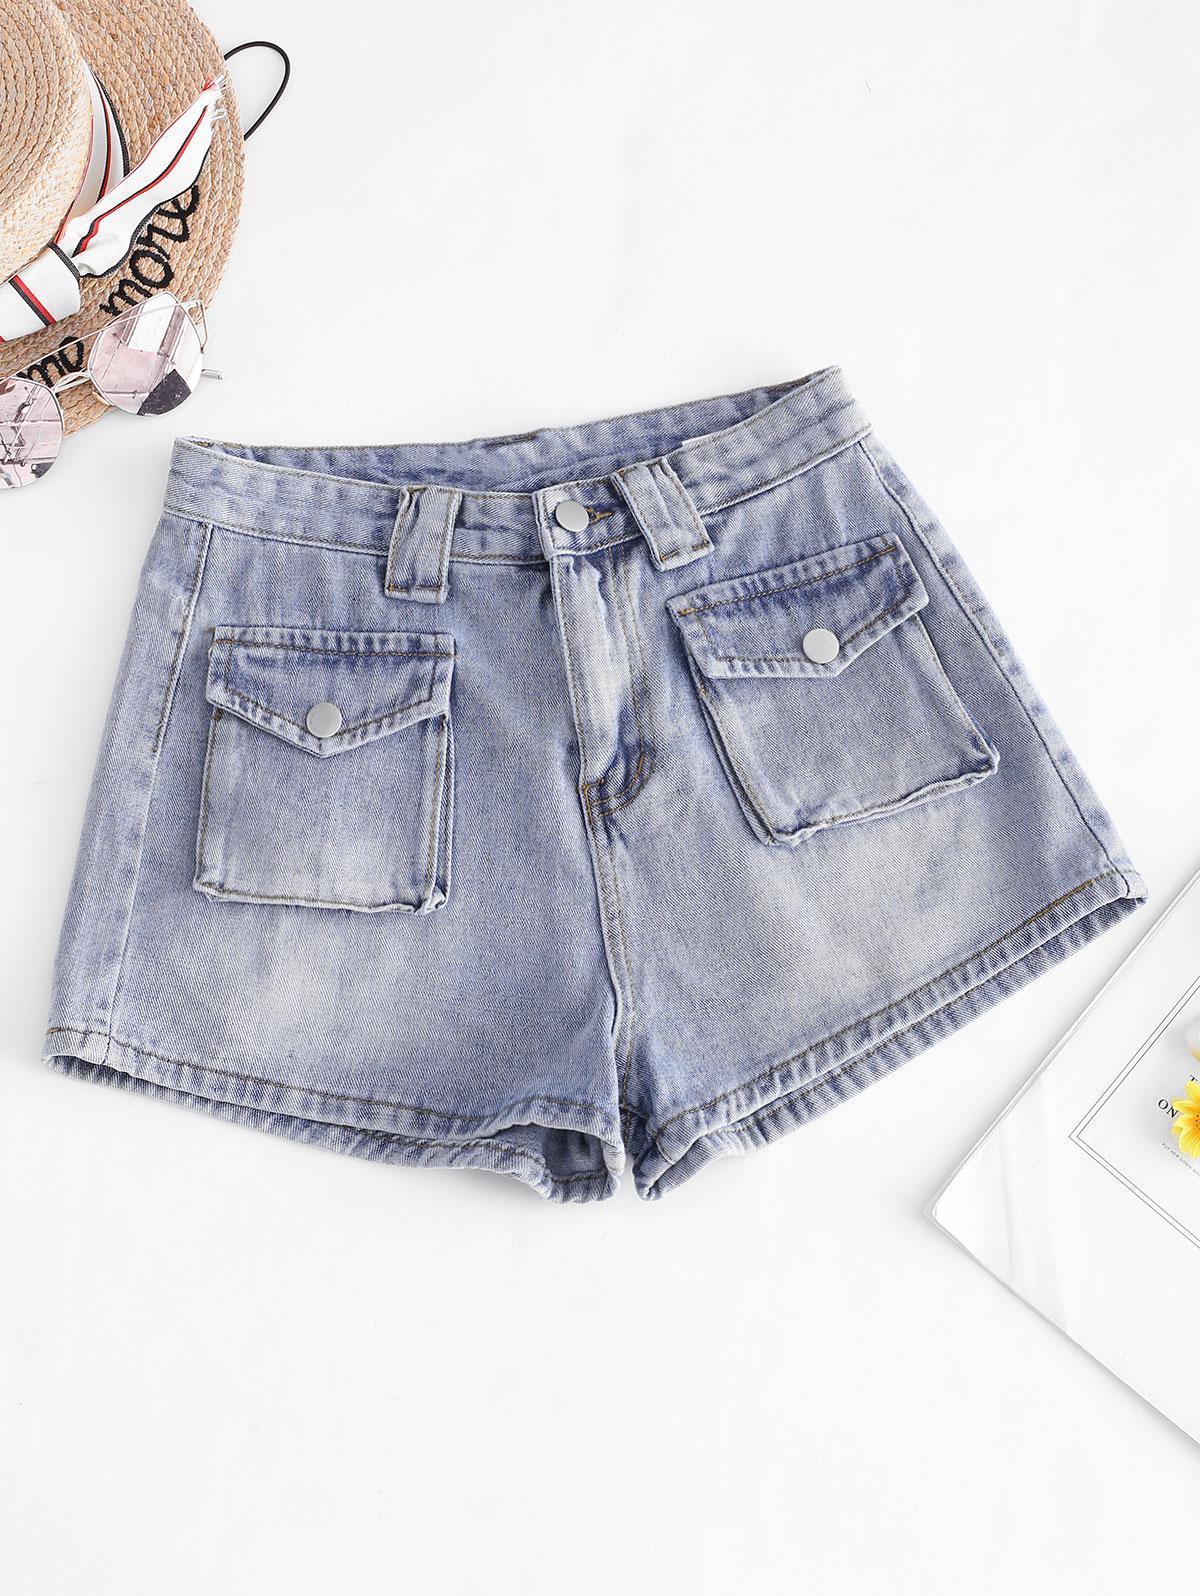 Zip Fly Cargo Pocket Denim Shorts